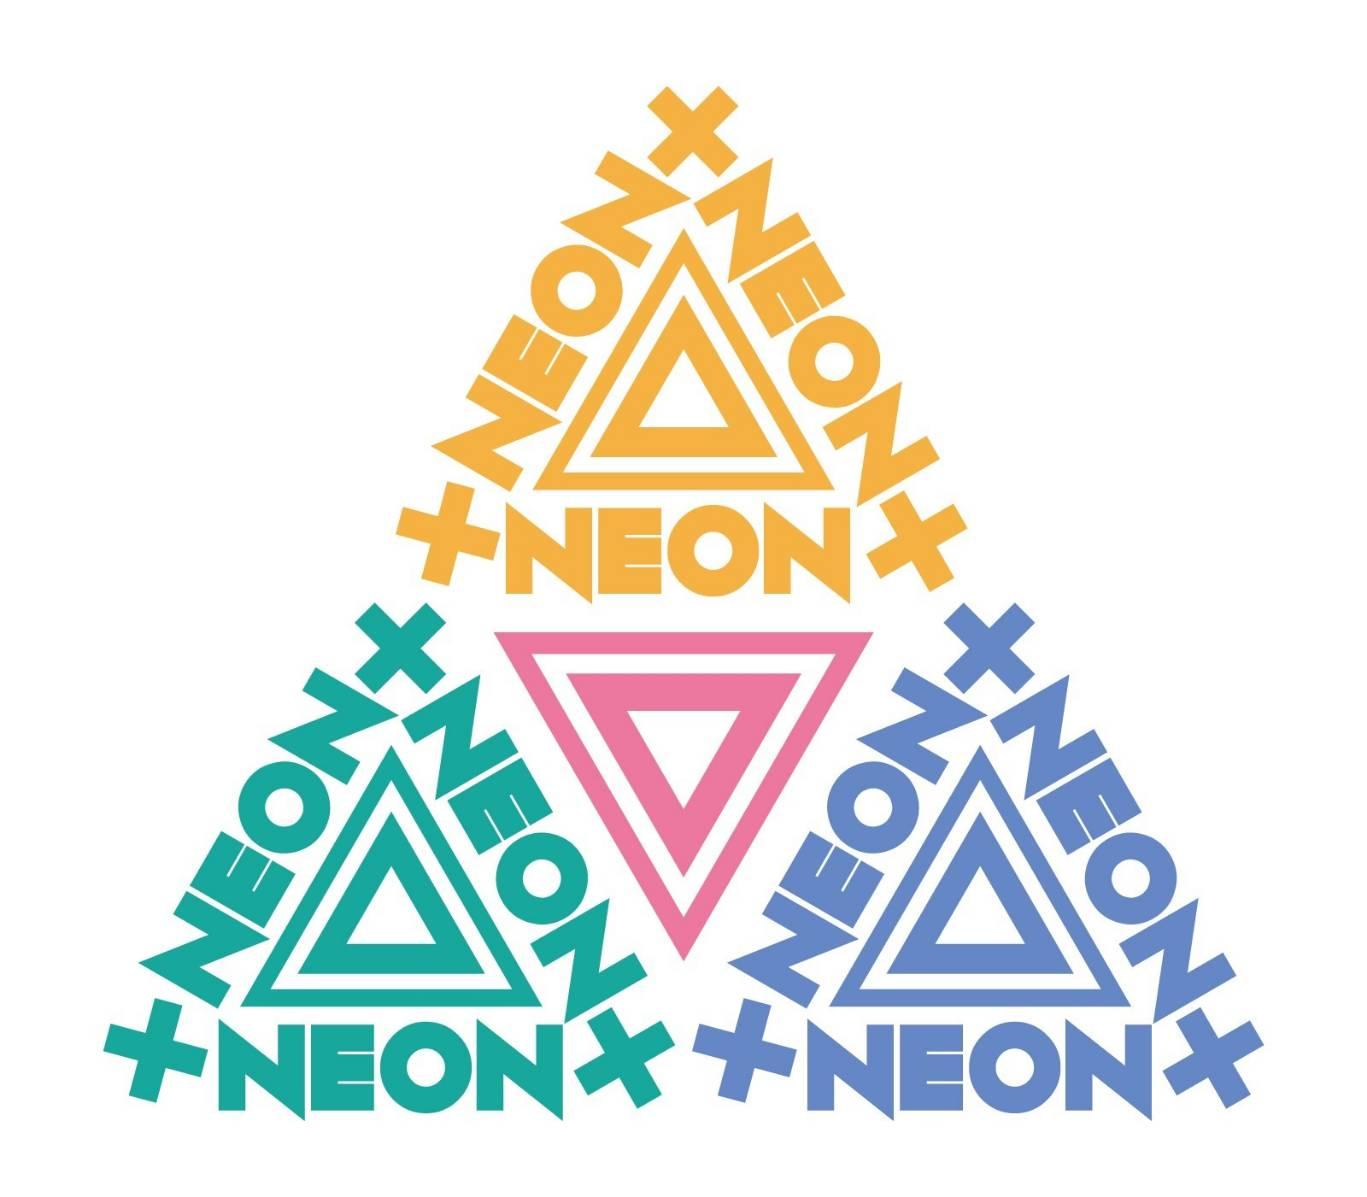 2019年7月19日(金) 『NEON×NEON×NEON』 〜HARUTA(TERCERA TRAPs MOIS)生誕祭〜